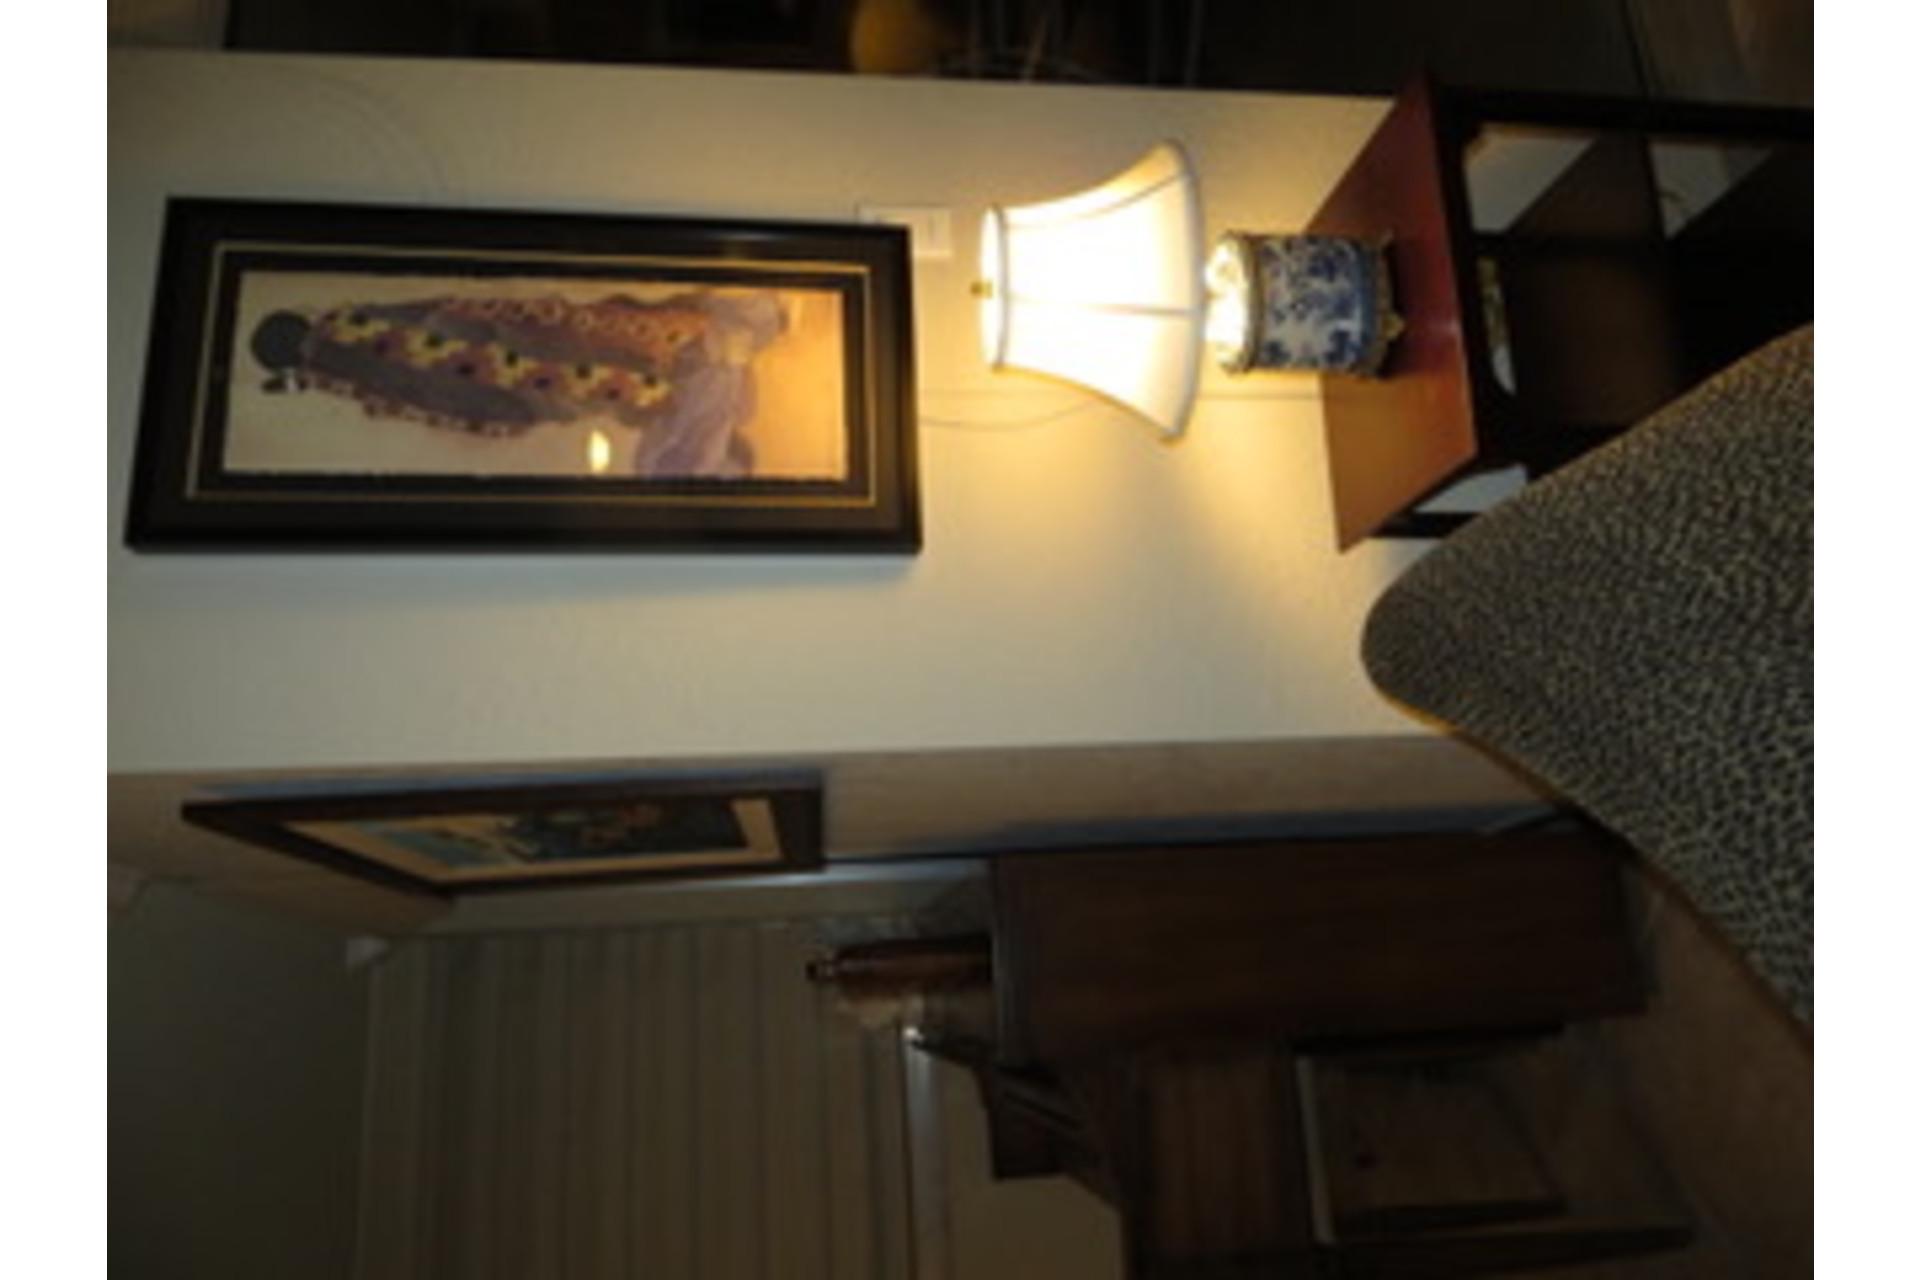 image 39 - Condo Short rental Hallandale Beach - 6 rooms